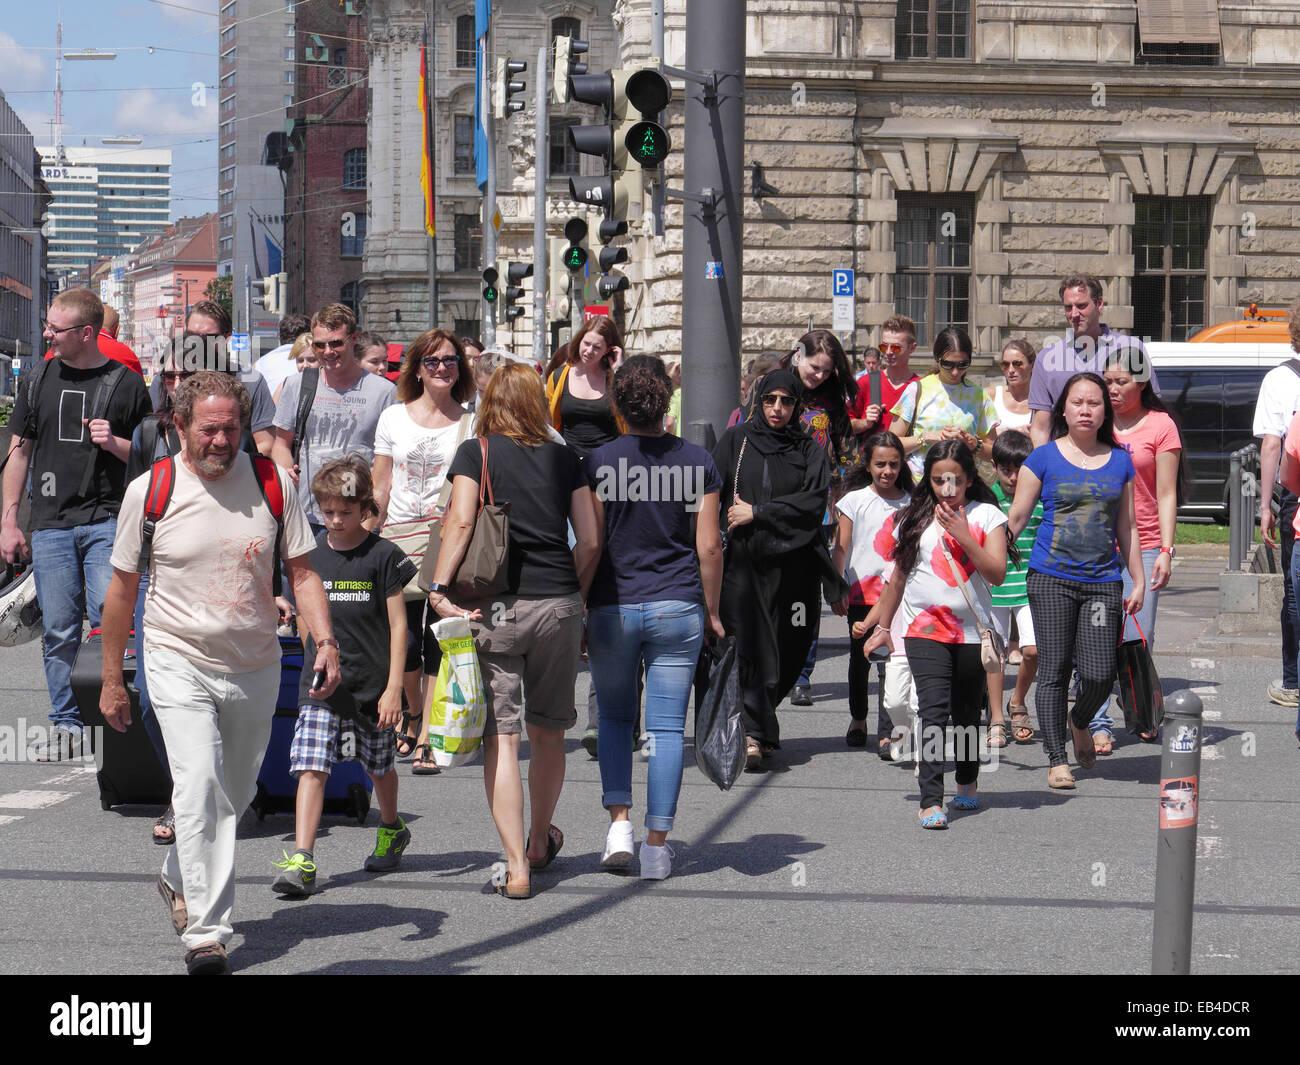 Les piétons traversant la route touristique arabe Zebra Centre-ville de Munich Allemagne Photo Stock